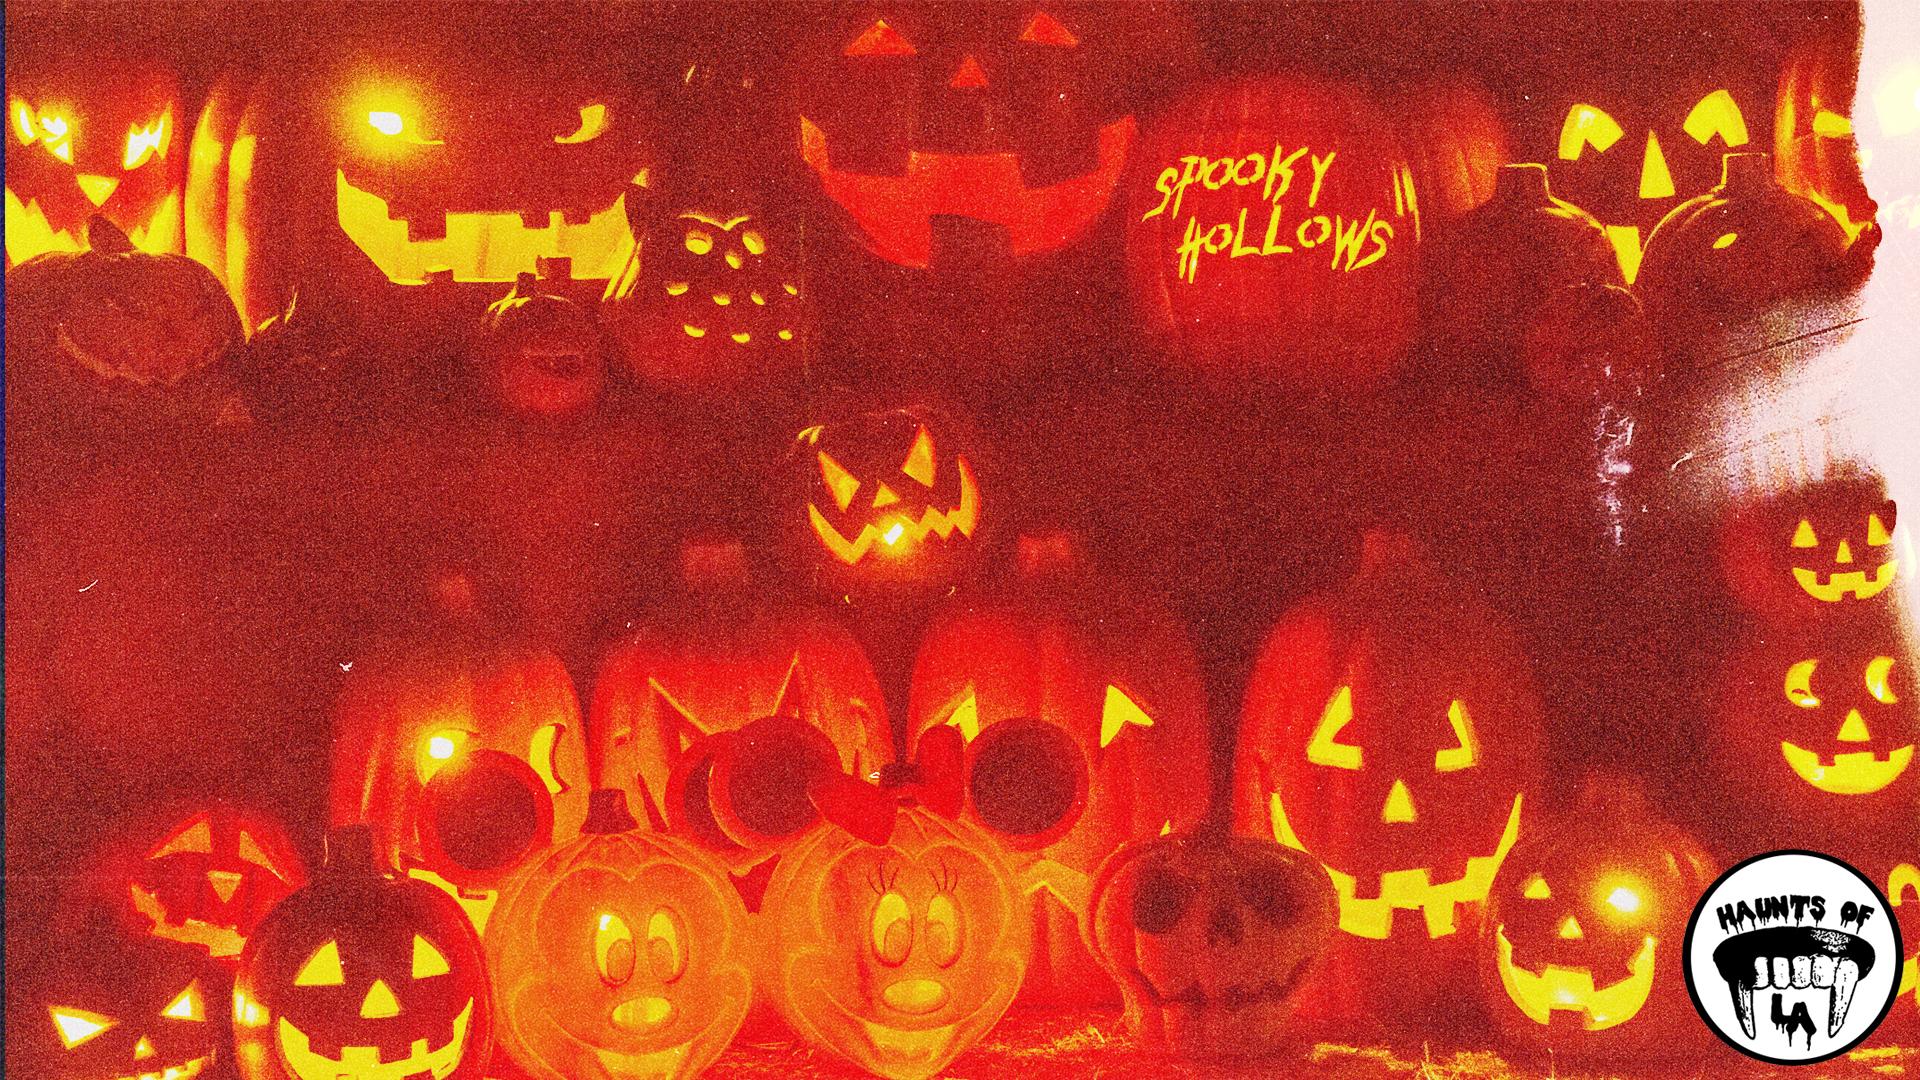 HOLA 18.10.29 - Spooky Hollows.jpg